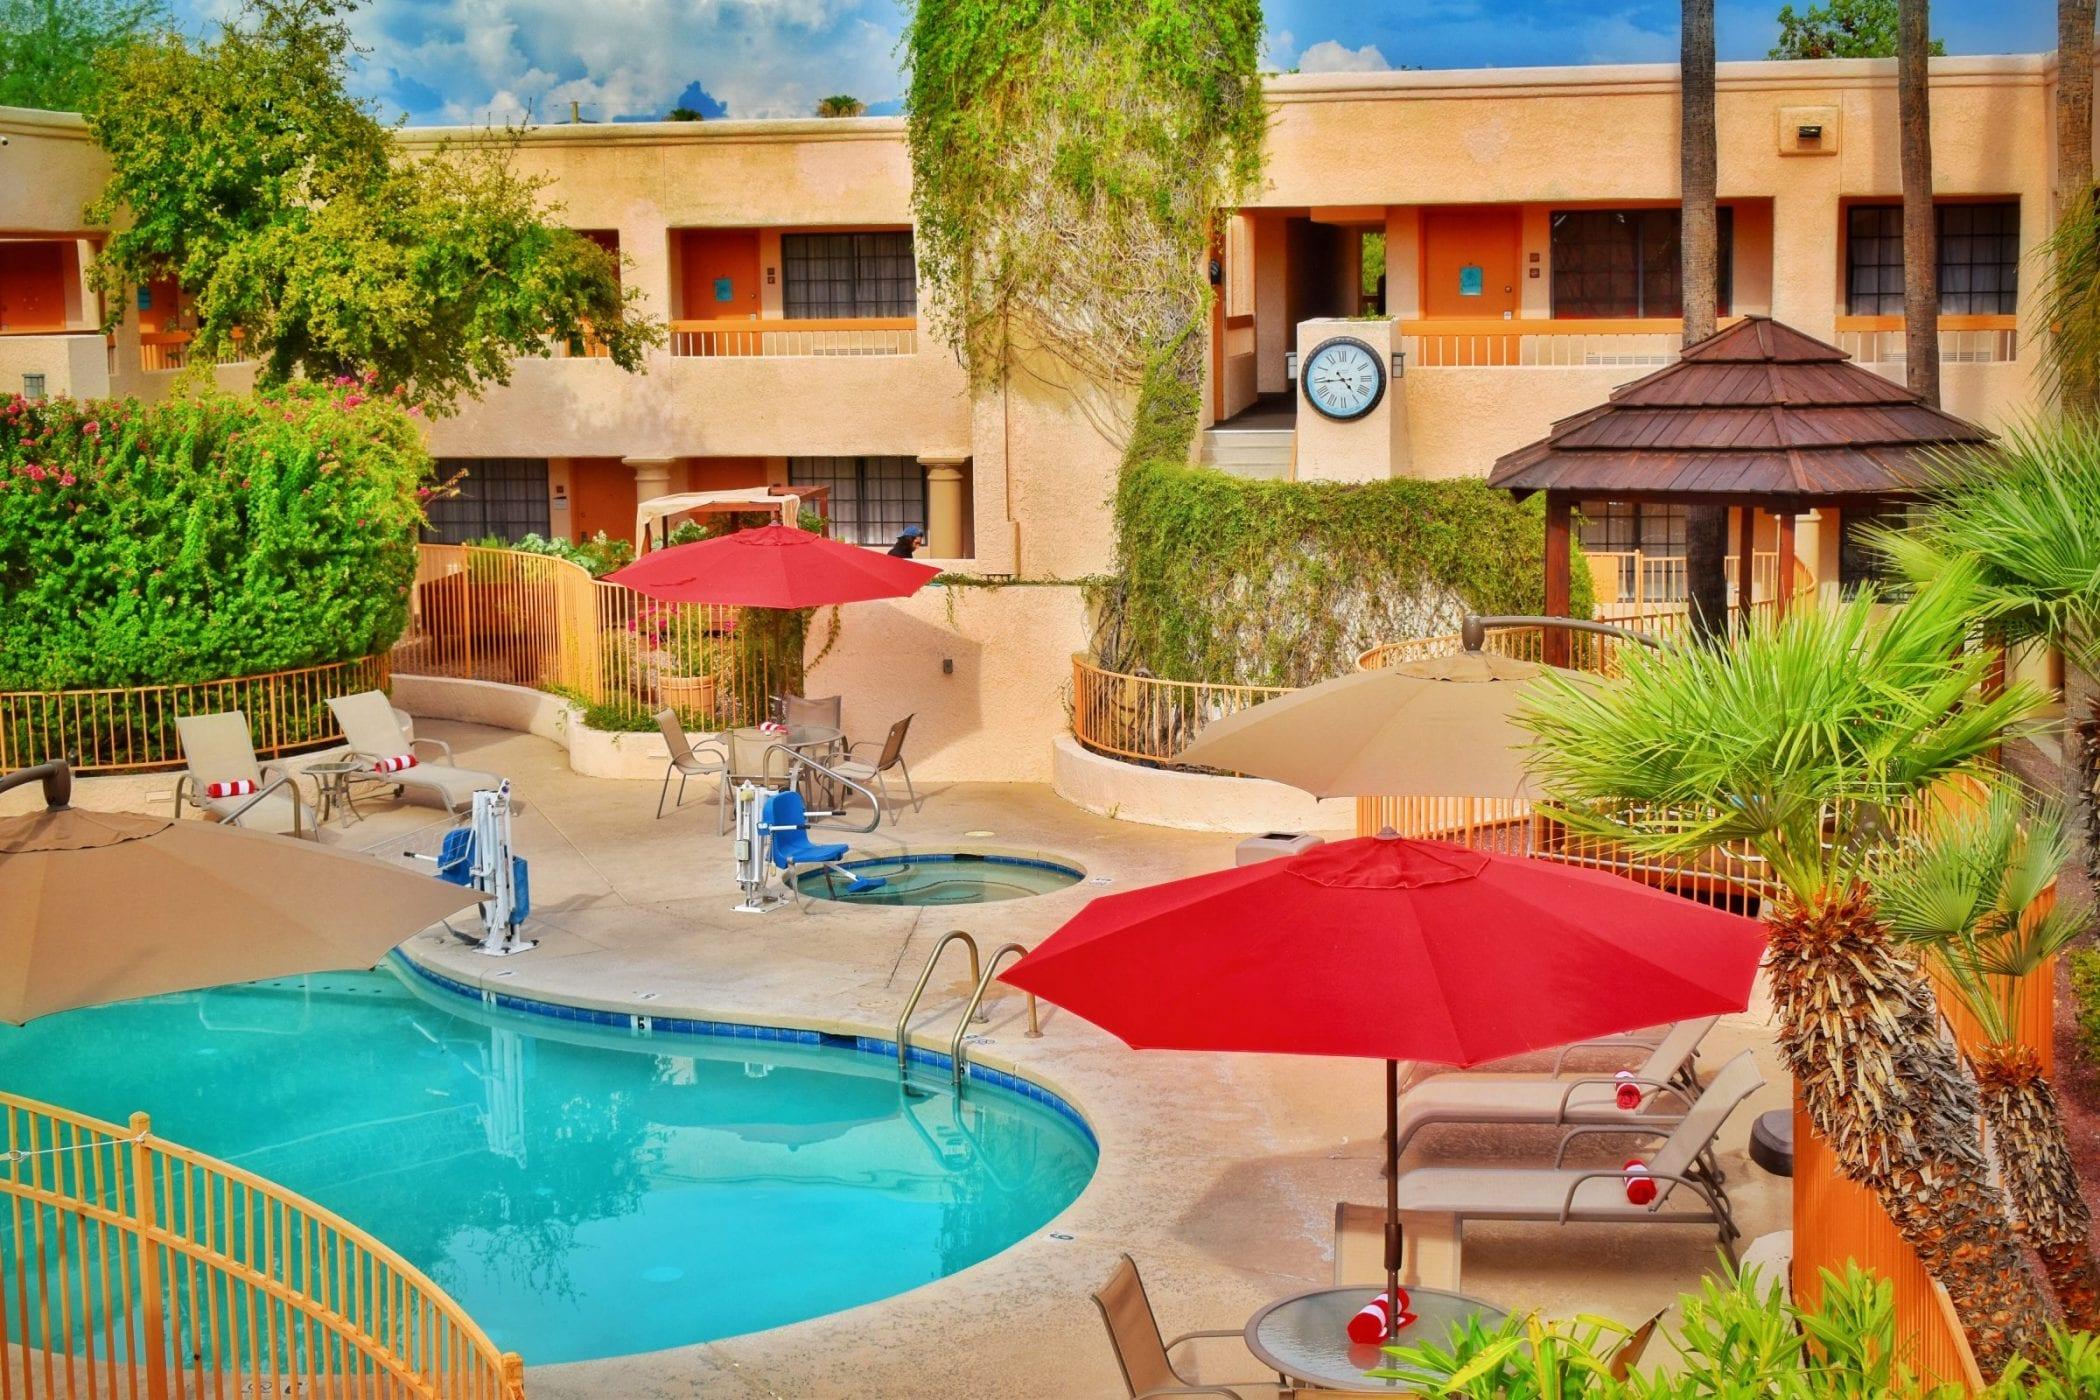 America's Rehab Campuses Tucson